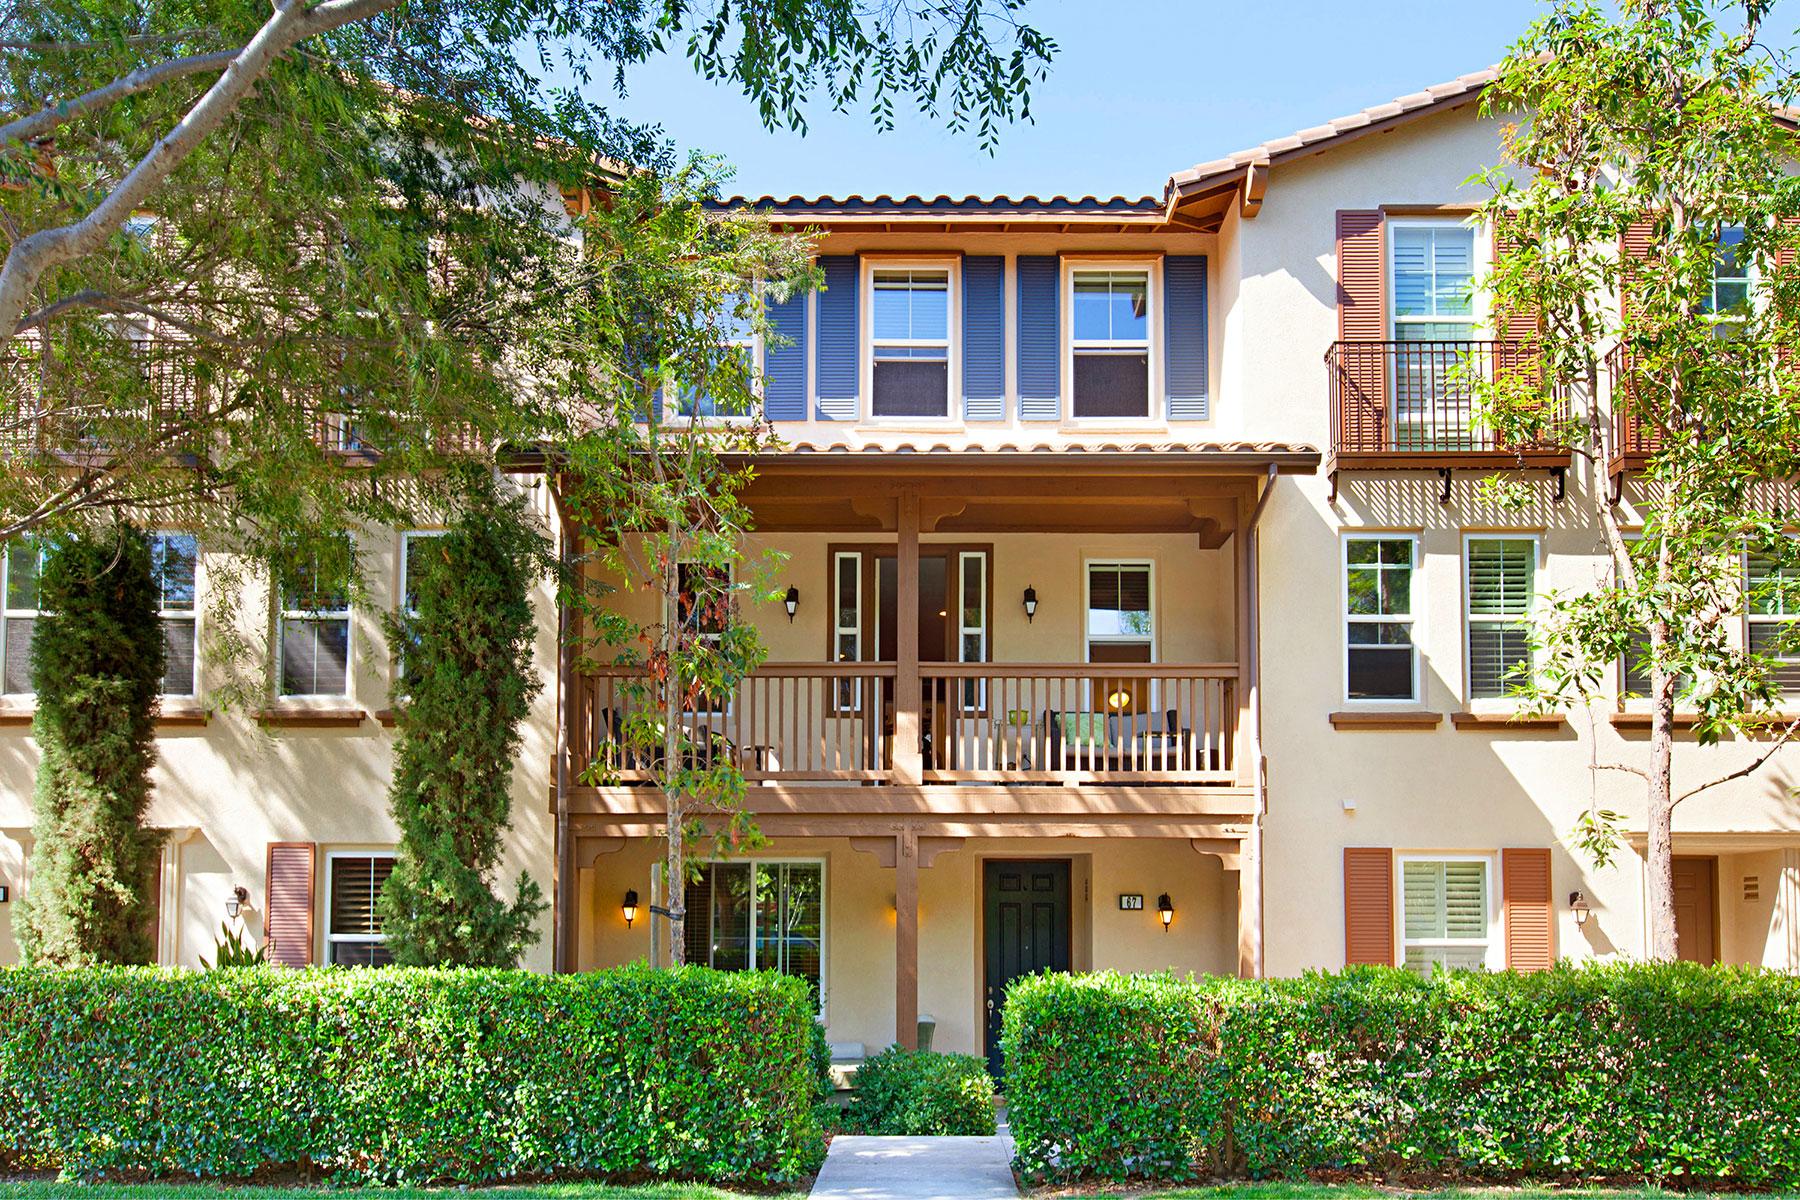 Condominium for Sale at 67 Nightshade Irvine, California 92603 United States